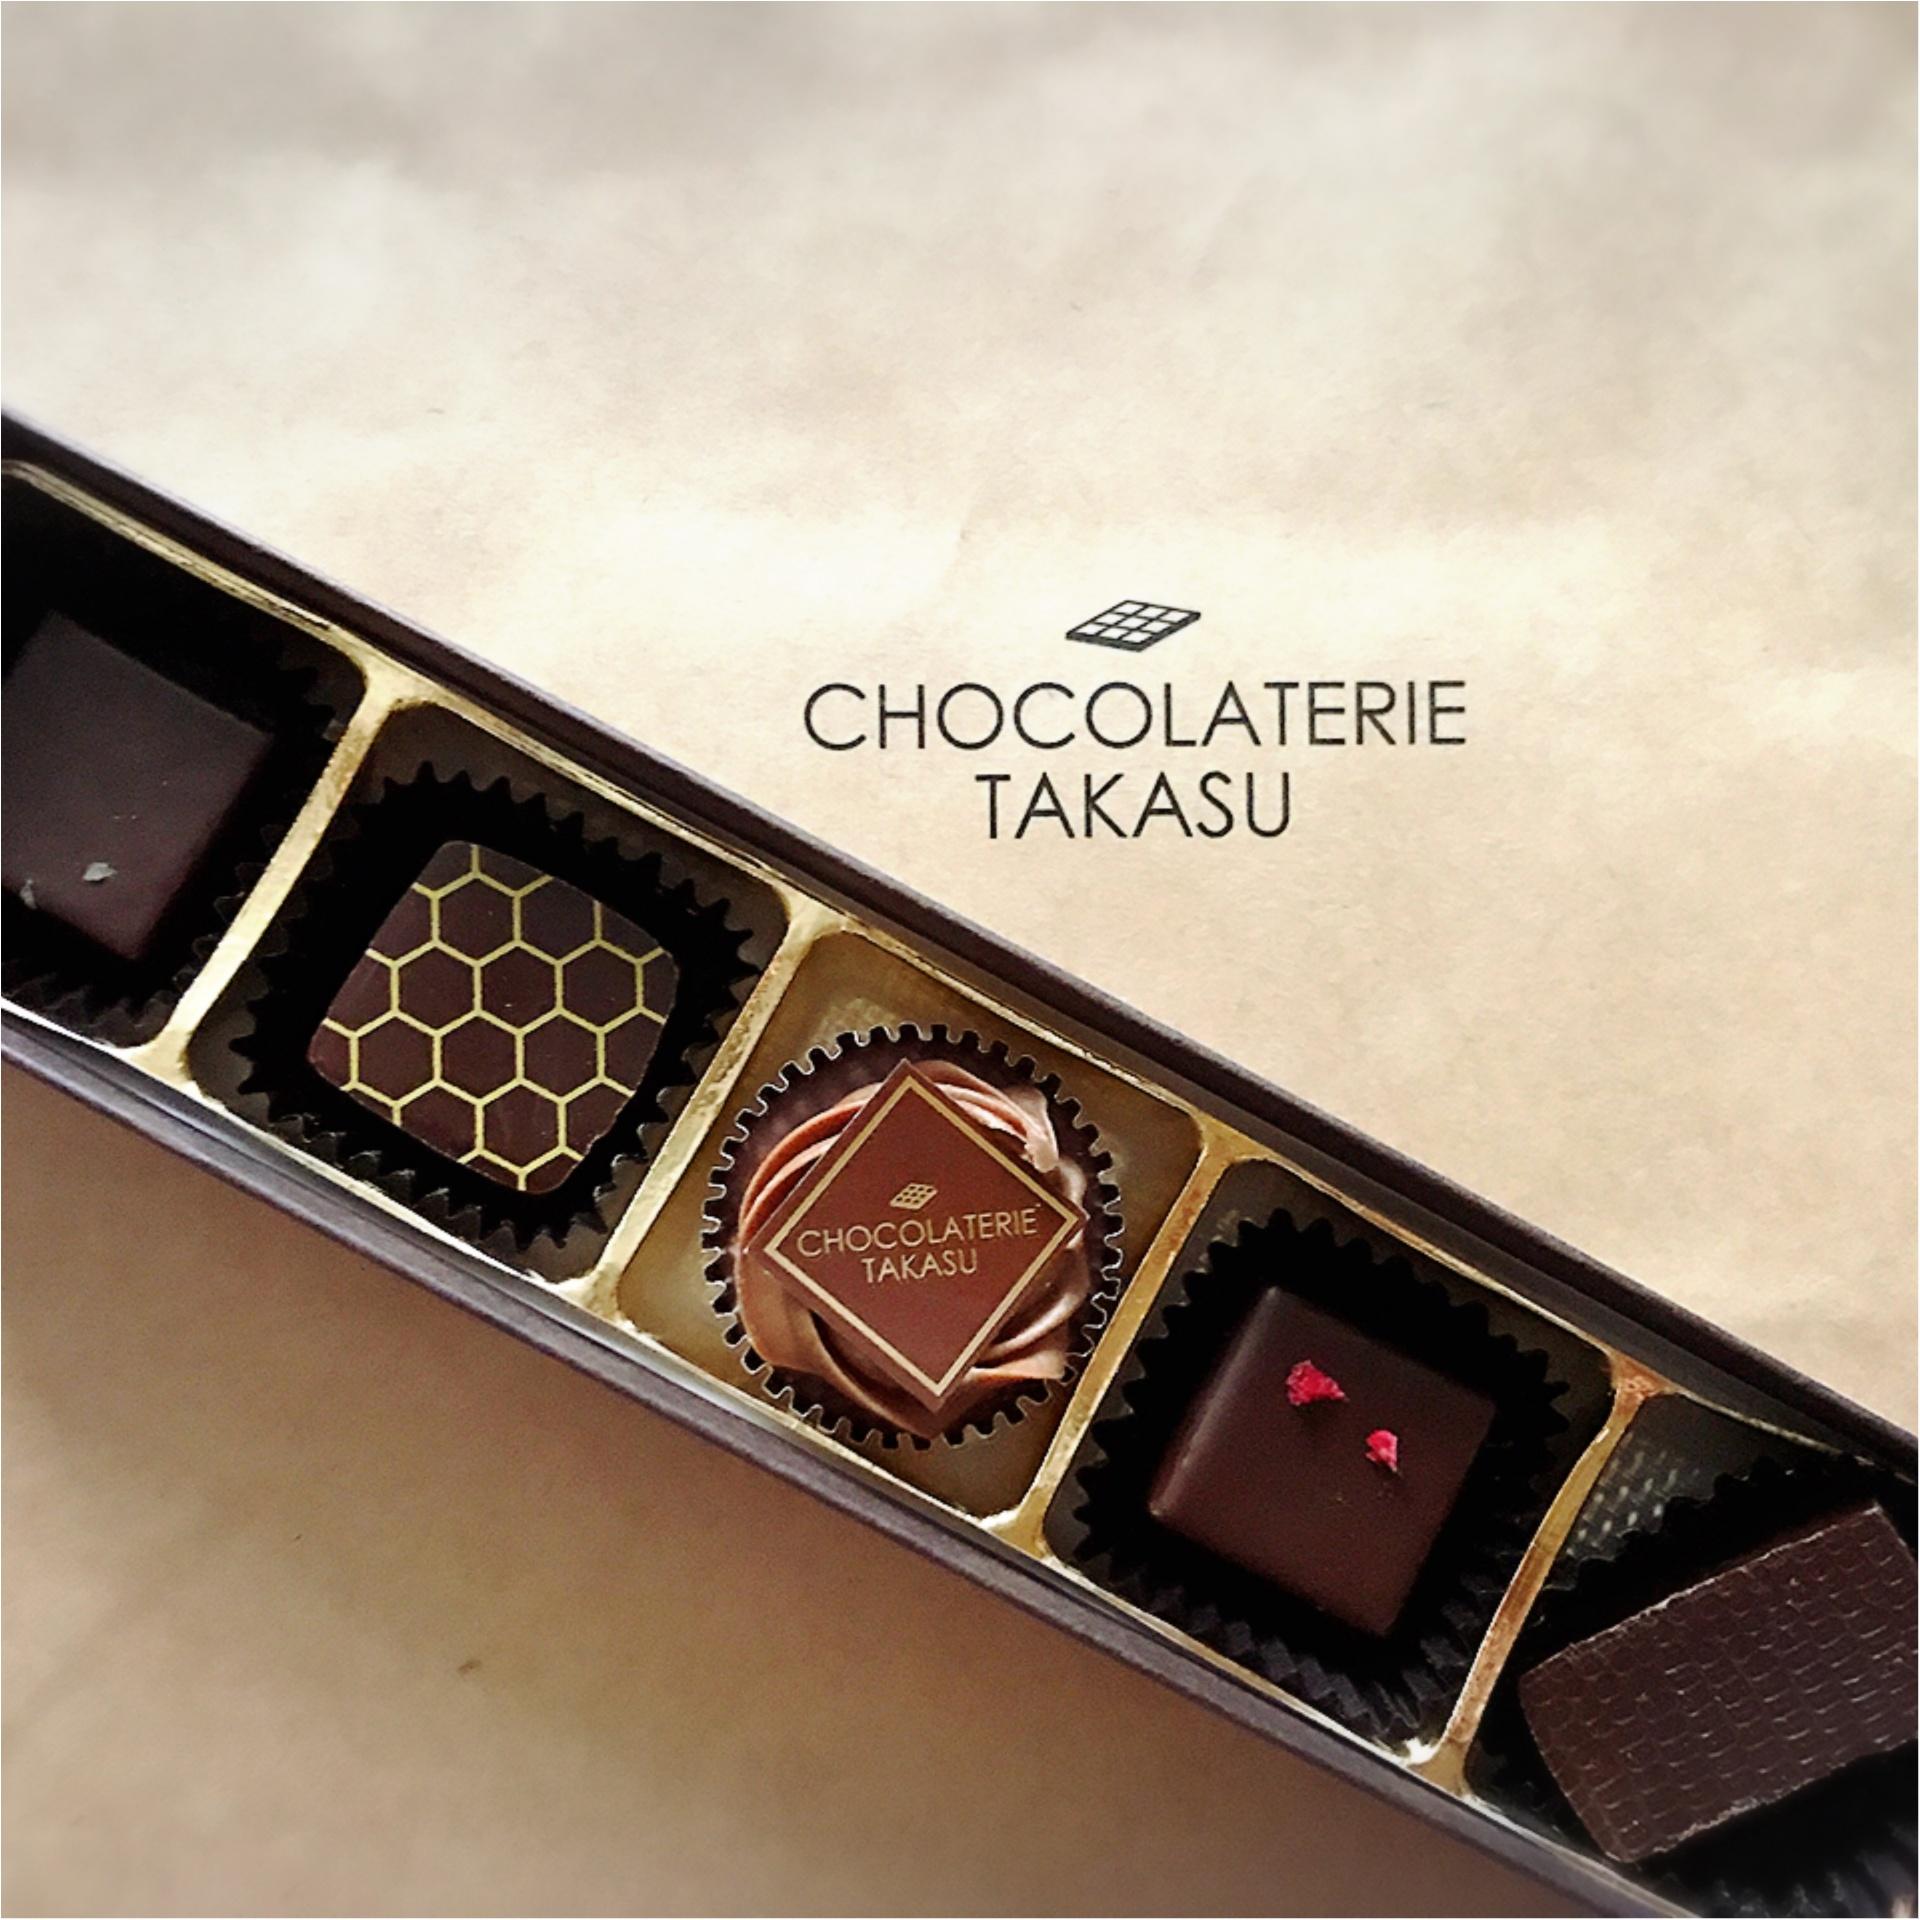 ★私のバレンタイン。自分のご褒美チョコは『CHOCOLATERIE TAKASU』のボンボンショコラ★_5